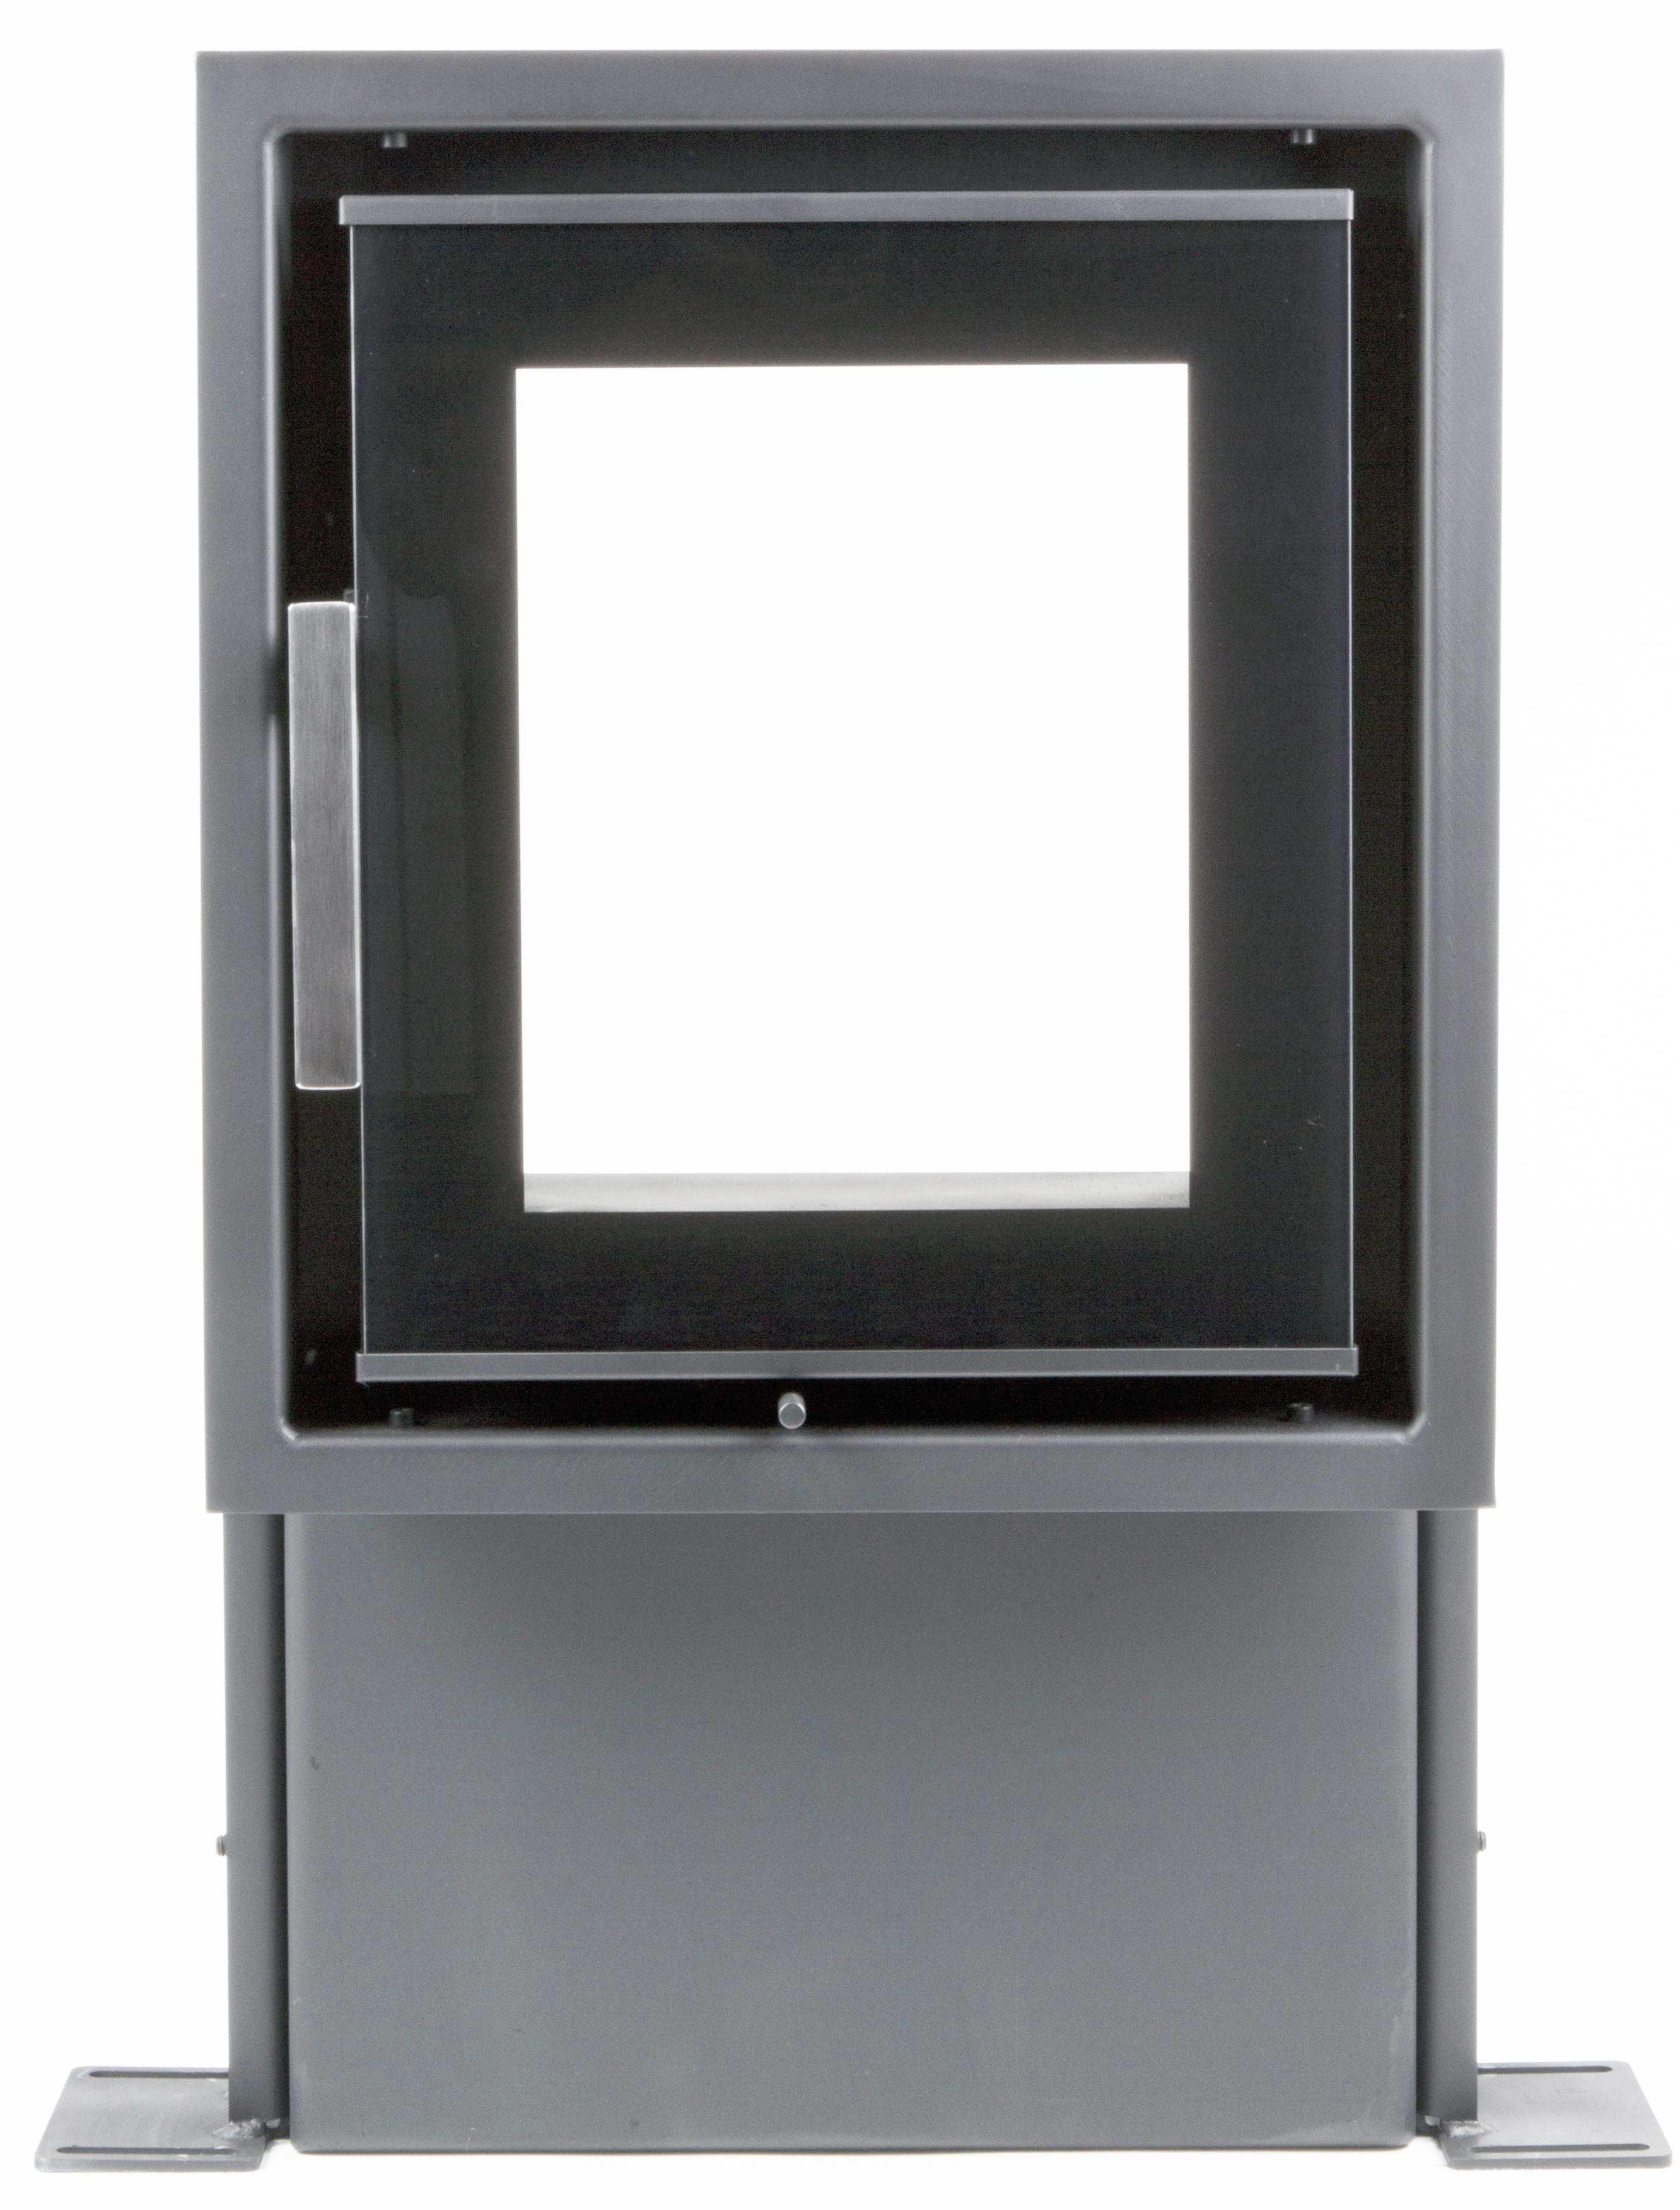 KK3036_1_külső-légbevezetéses,-dupla-üveges-cserépkályhaajtó